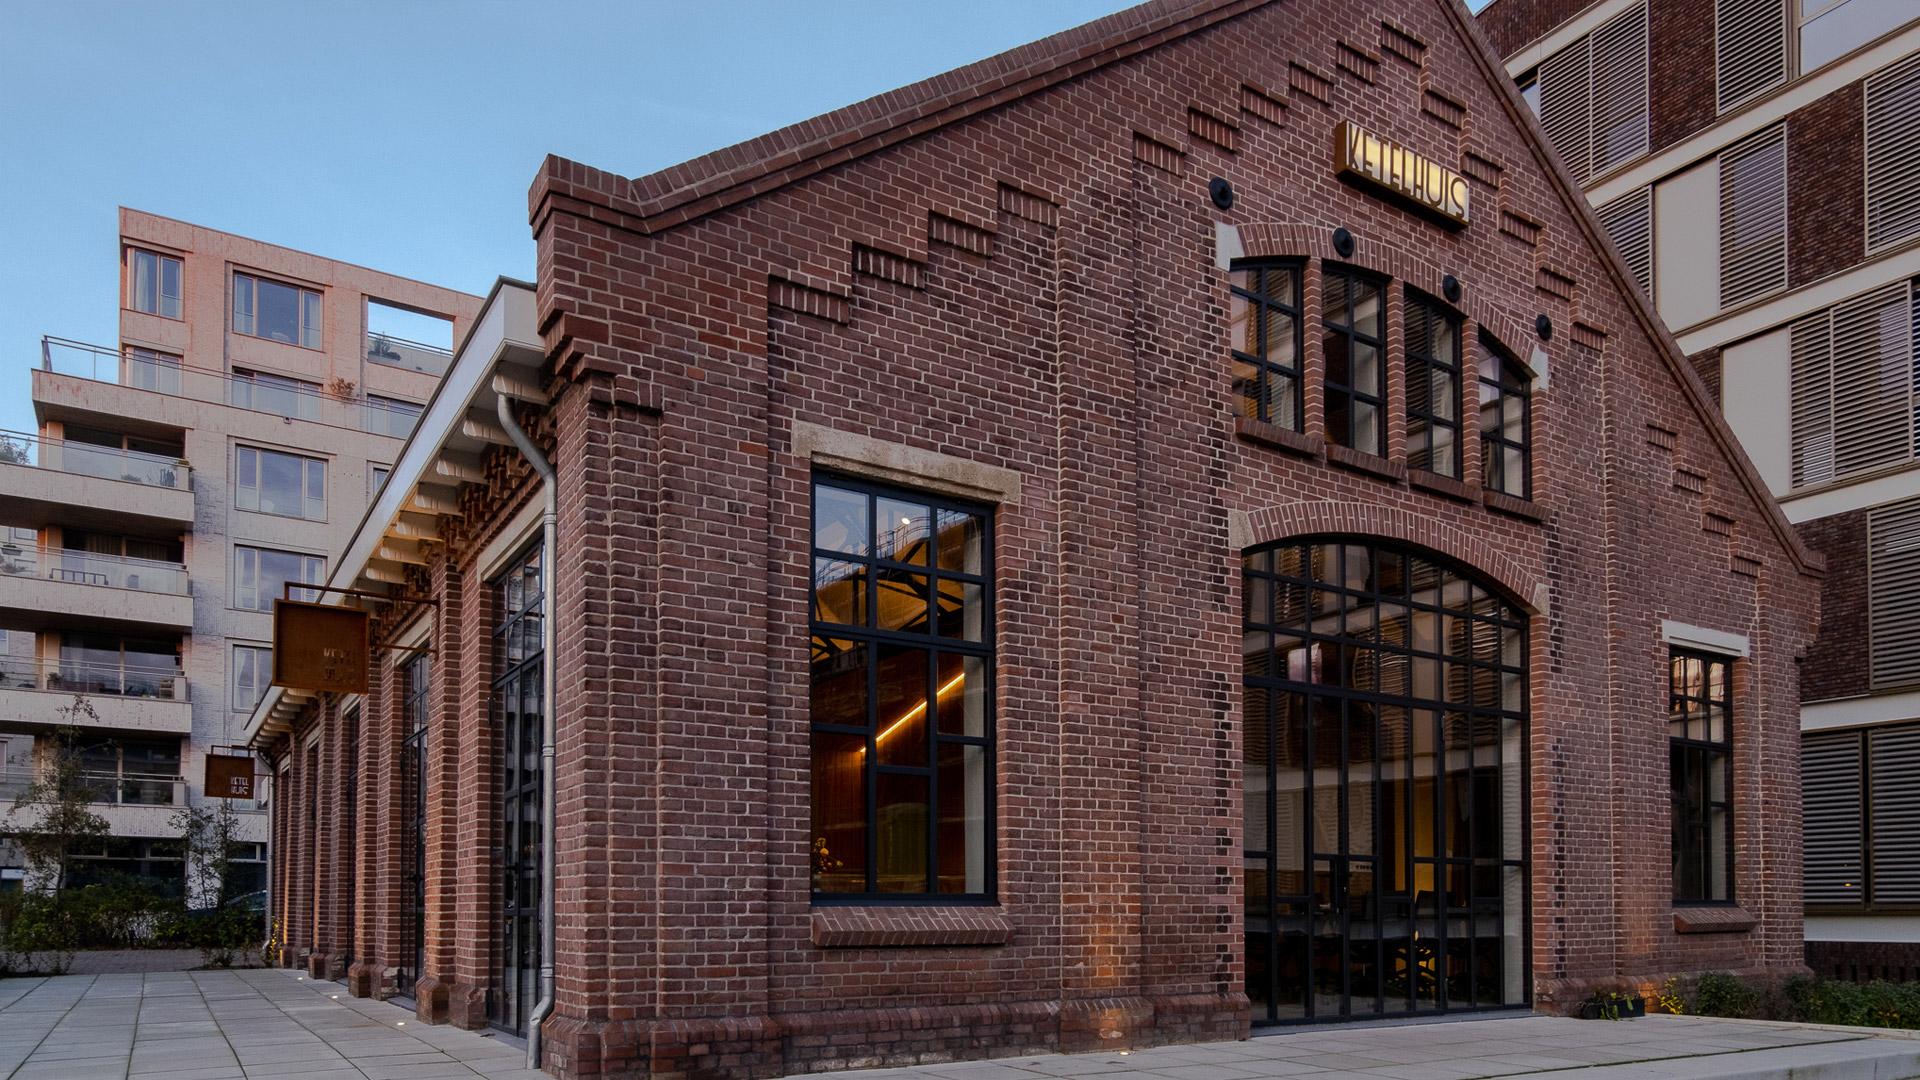 Ketelhuis Amsterdam Pand Wijnja Groep